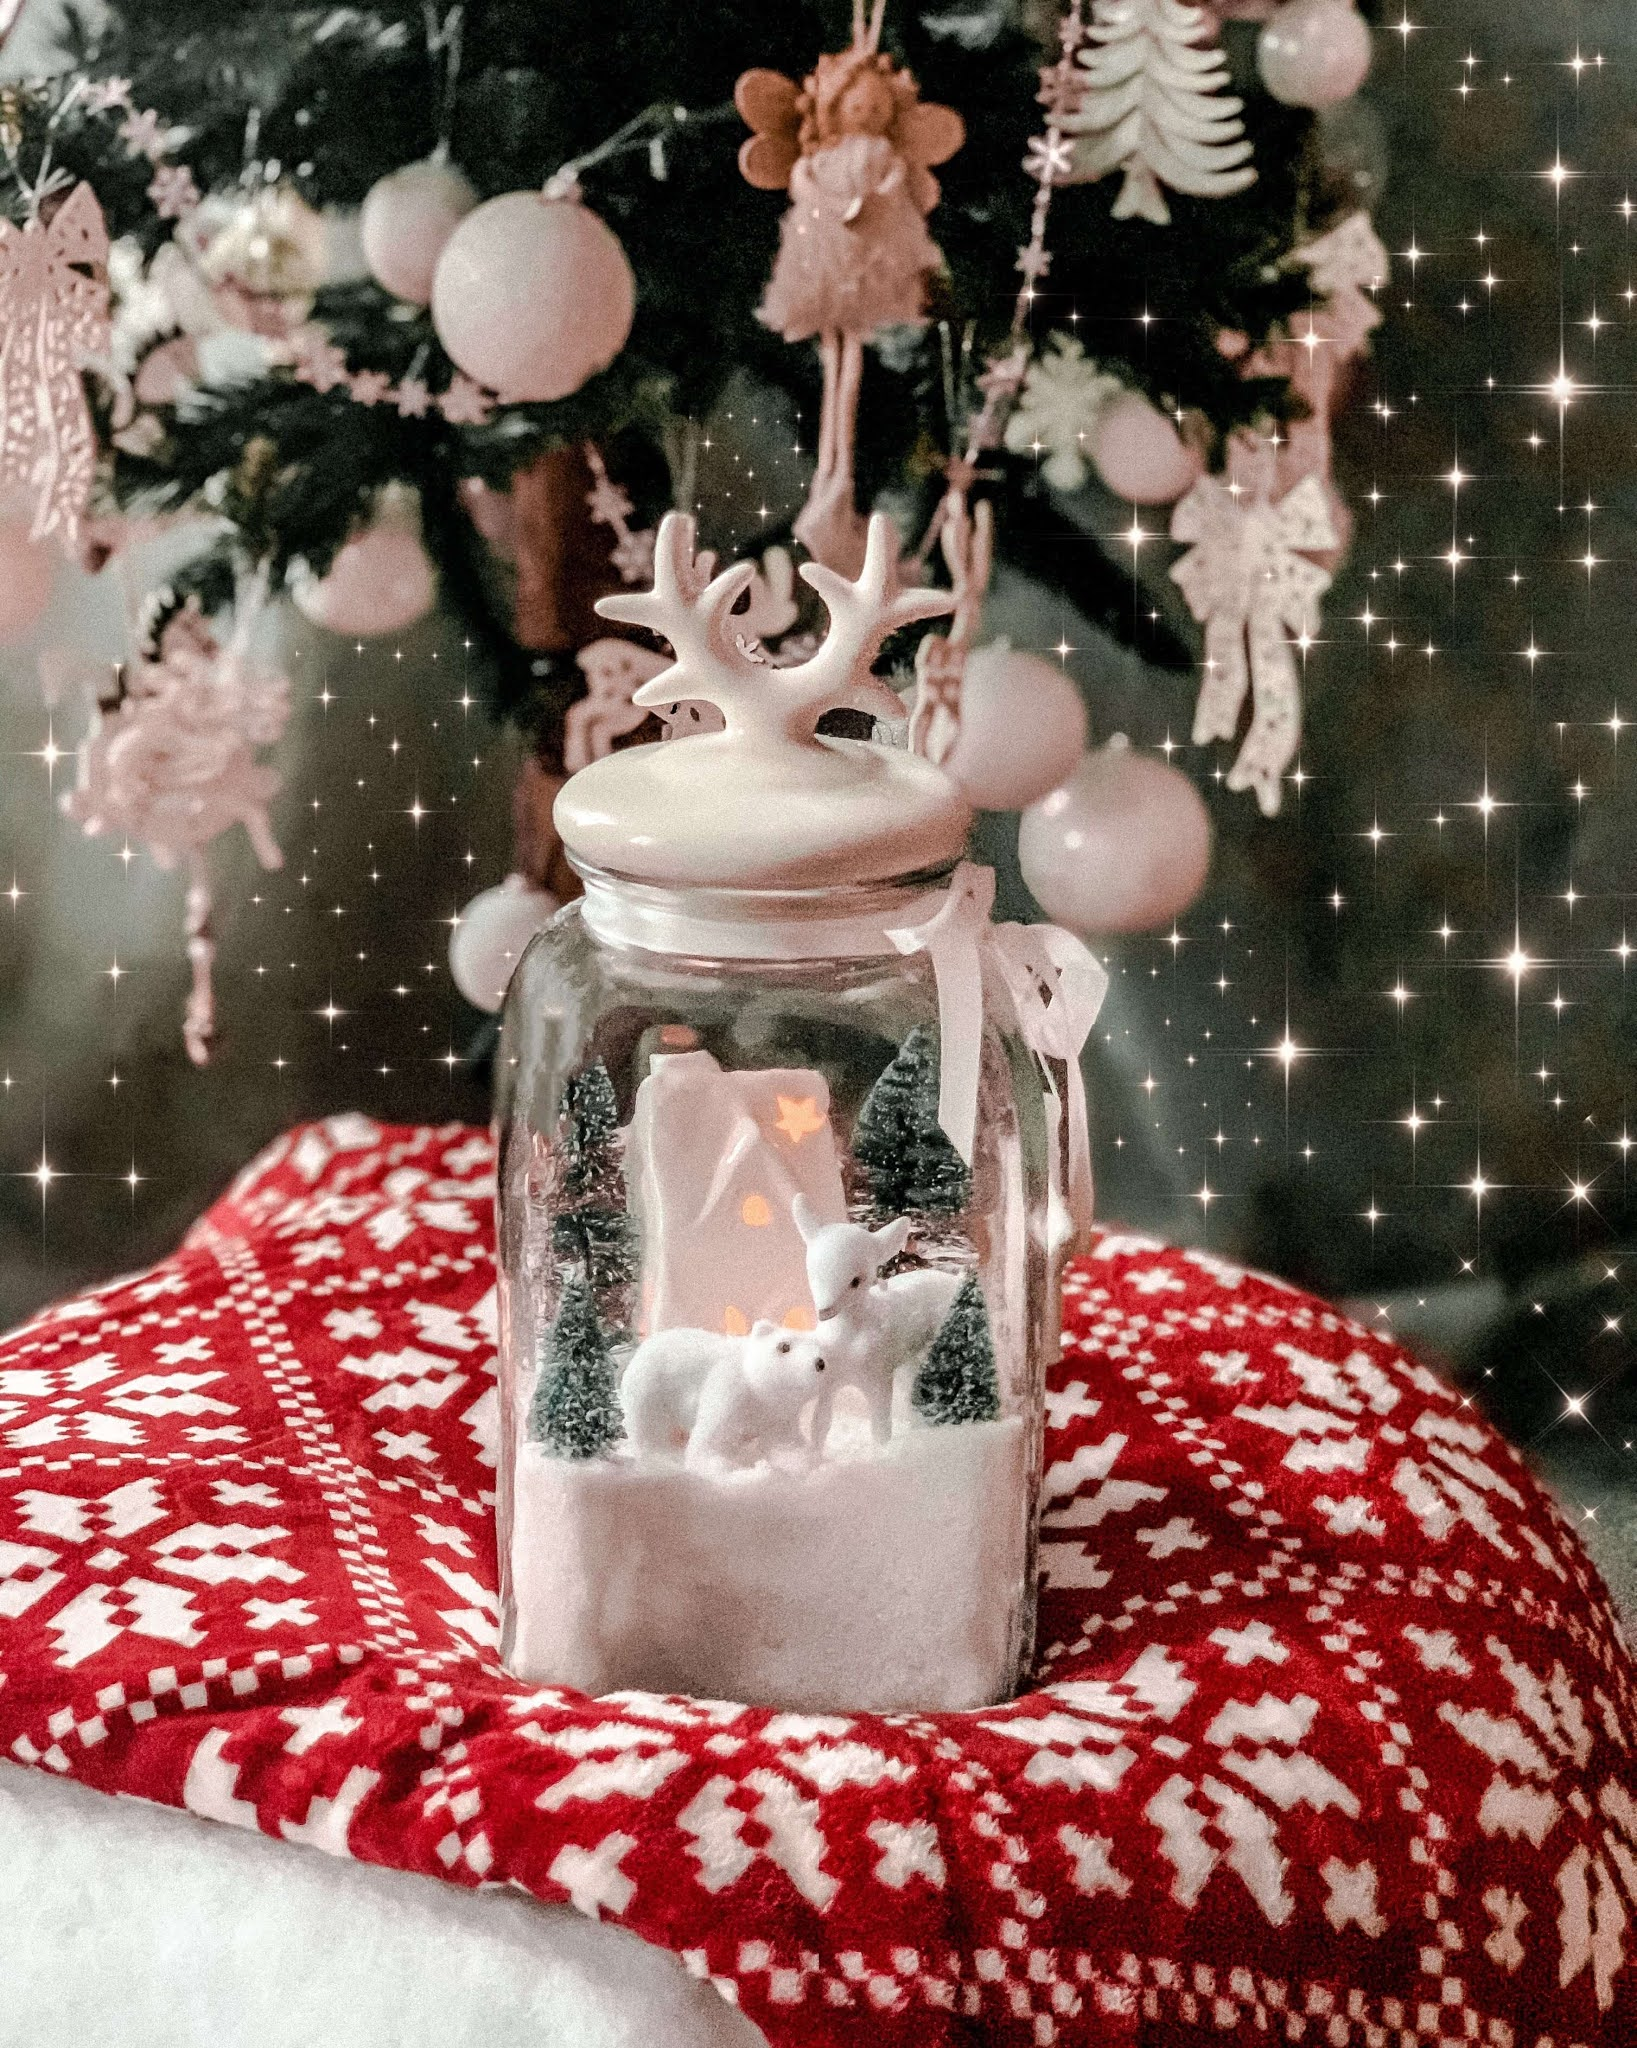 Christmas DIY, słój szklany z Pepco z zimową scenką, 10 Blogmas